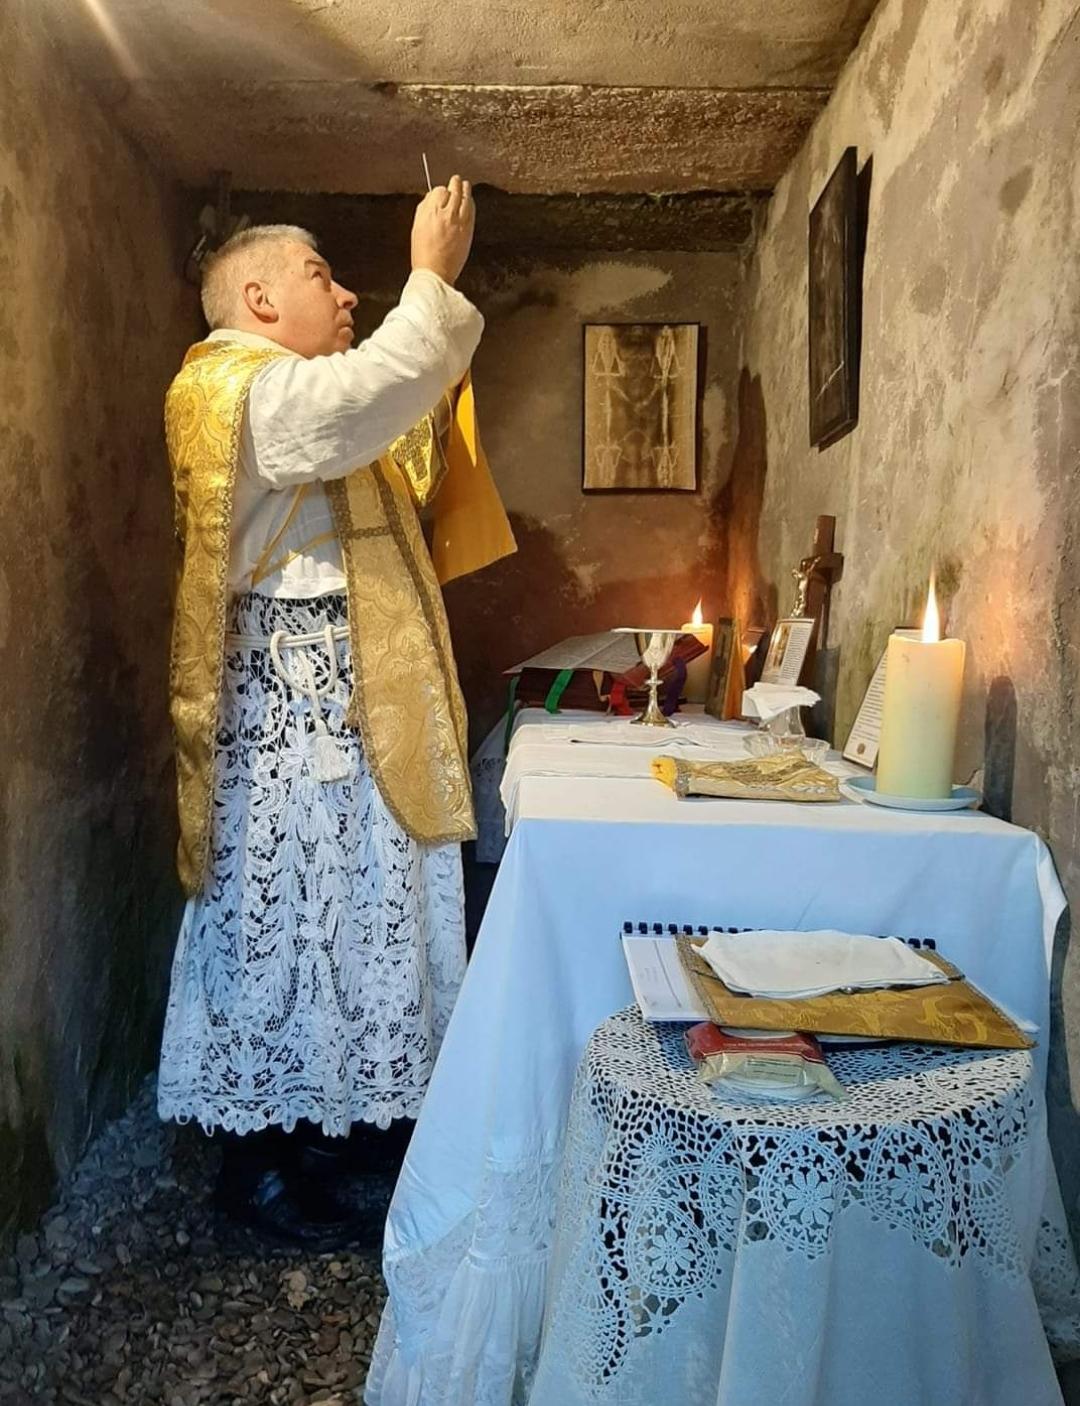 Donacije za tradicionalni katolički apostolat FSSPX-a (Svećeničko Bratstvo sv. Pija X.)